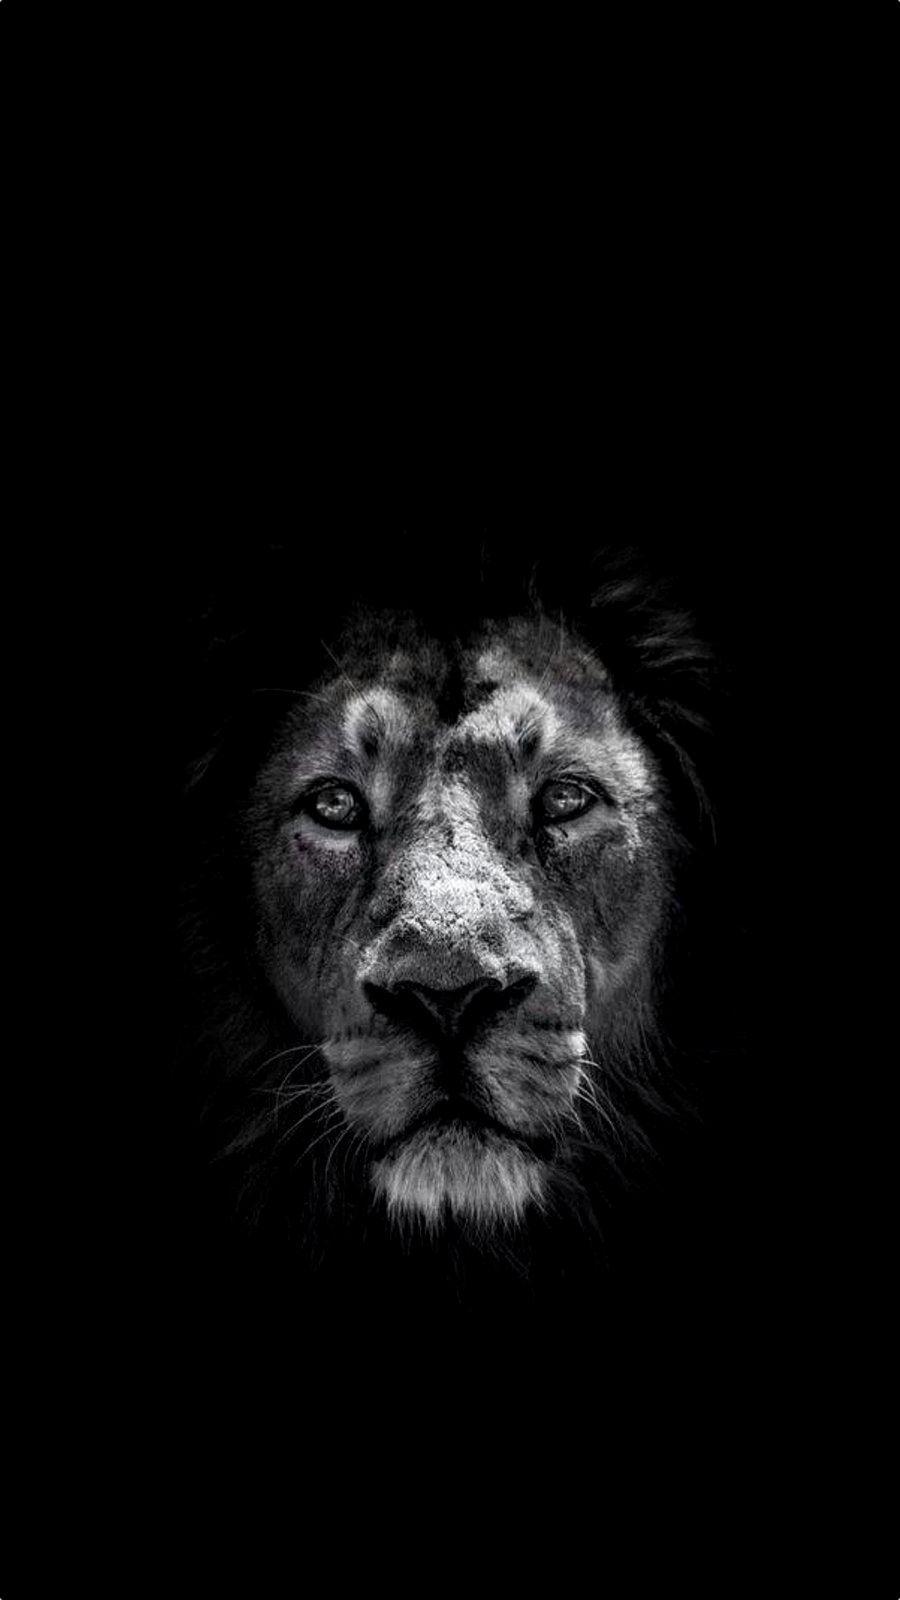 iphone 6 plus lion